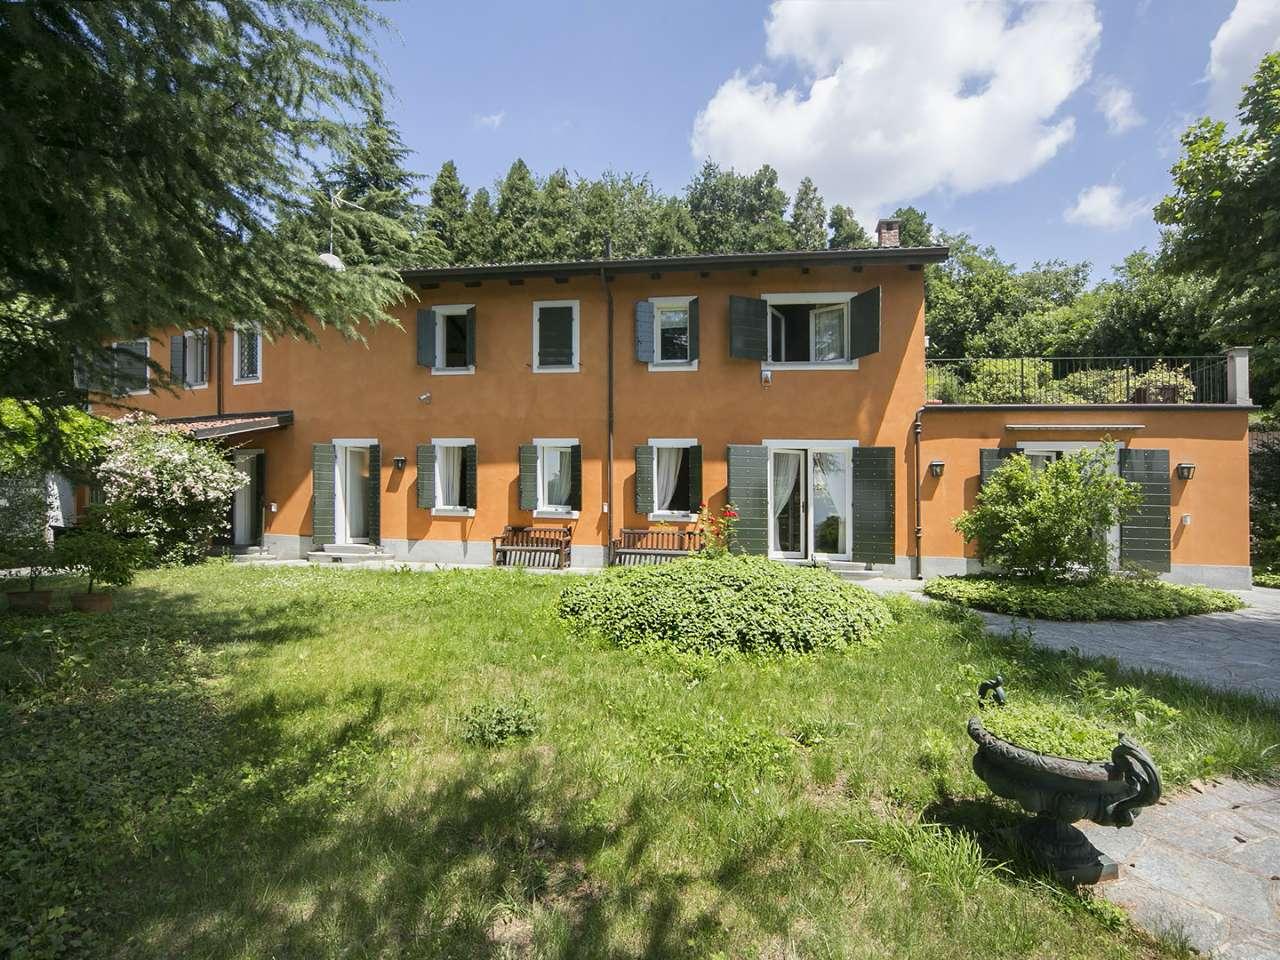 Villa in vendita a Torino, 8 locali, zona Zona: 5 . Collina, Precollina, Crimea, Borgo Po, Granmadre, Madonna del Pilone, prezzo € 950.000 | CambioCasa.it